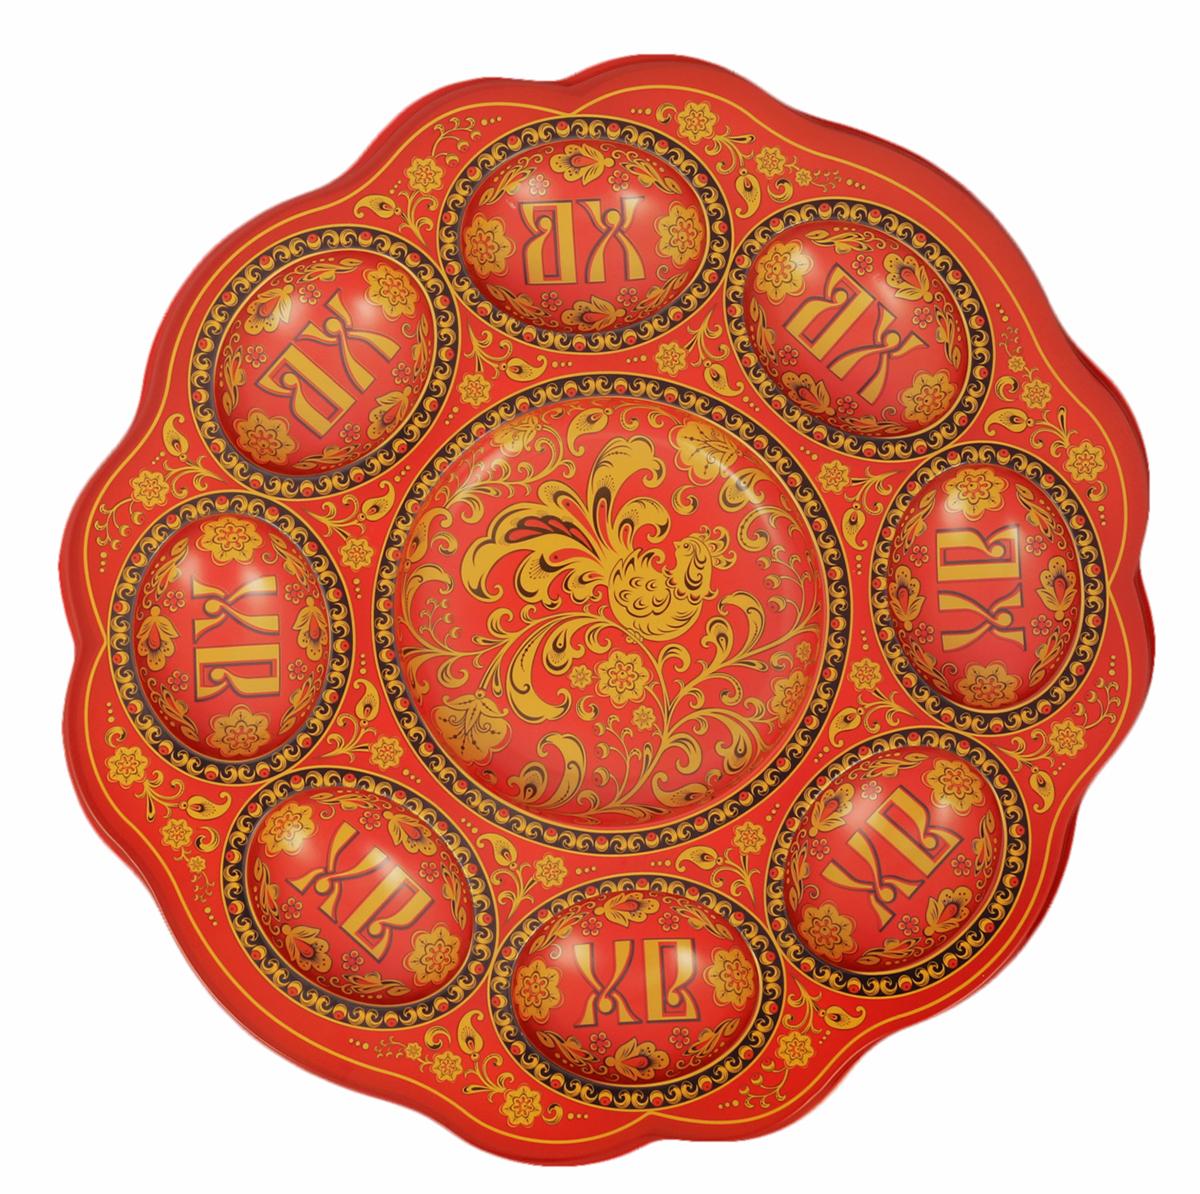 Подставка для яйца Хохлома, цвет: красный, на 8 яиц и кулич, 24 х 25 см. 1653885 подставка для яйца городетская на 8 яиц и кулич 24 х 25 см 1653890